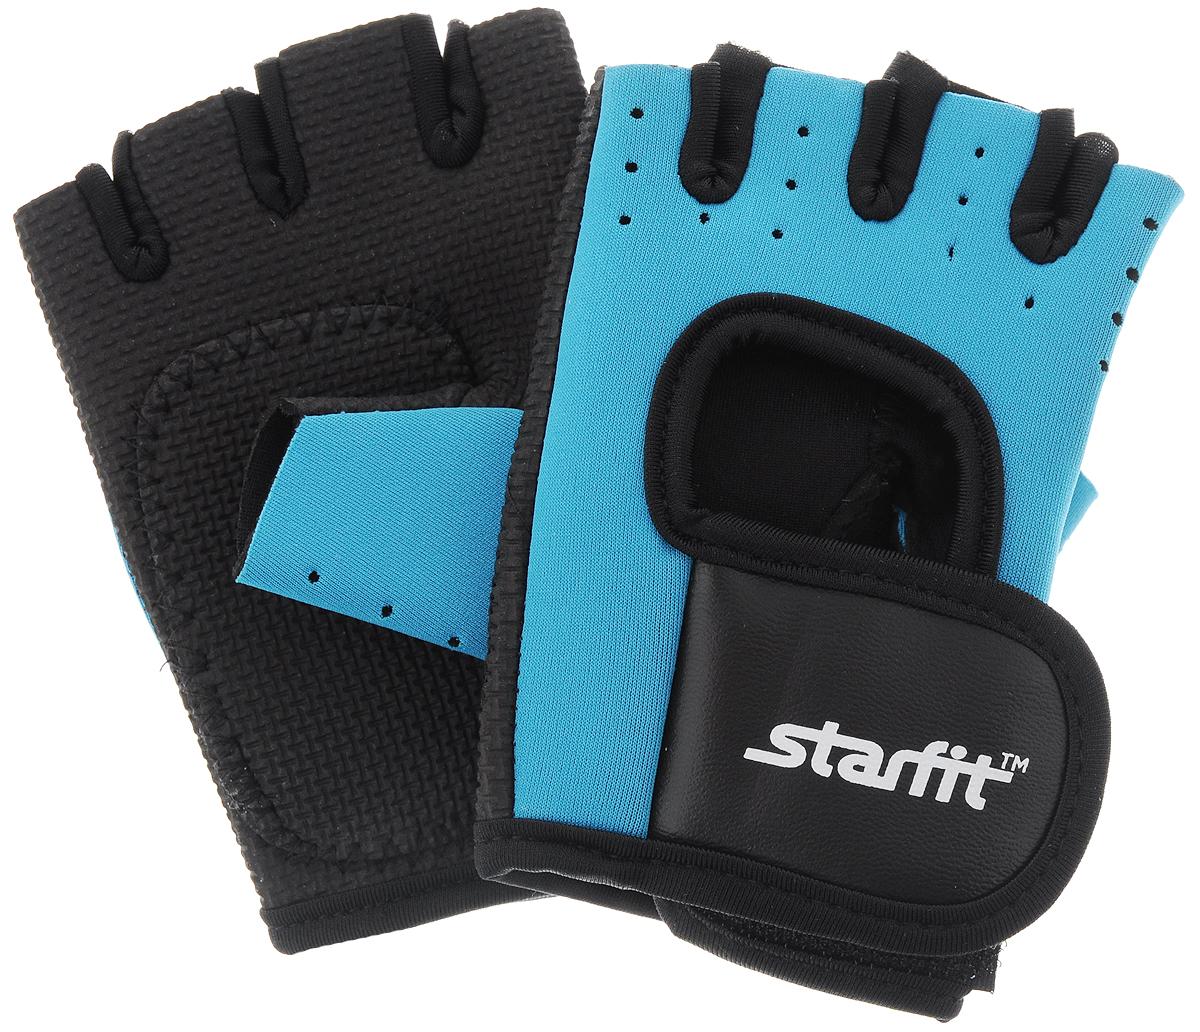 Перчатки для фитнеса Starfit SU-107, цвет: голубой, черный. Размер LV-348Перчатки для фитнеса Star Fit SU-107 необходимы для безопасной тренировки со снарядами (грифы, гантели), во время подтягиваний и отжиманий. Они минимизируют риск мозолей и ссадин на ладонях. Перчатки выполнены из нейлона, искусственной кожи, полиэстера и эластана. В рабочей части имеется вставка из тонкого поролона, обеспечивающего комфорт при тренировках. Размер перчатки (без учета большого пальца): 14 х 9 см.